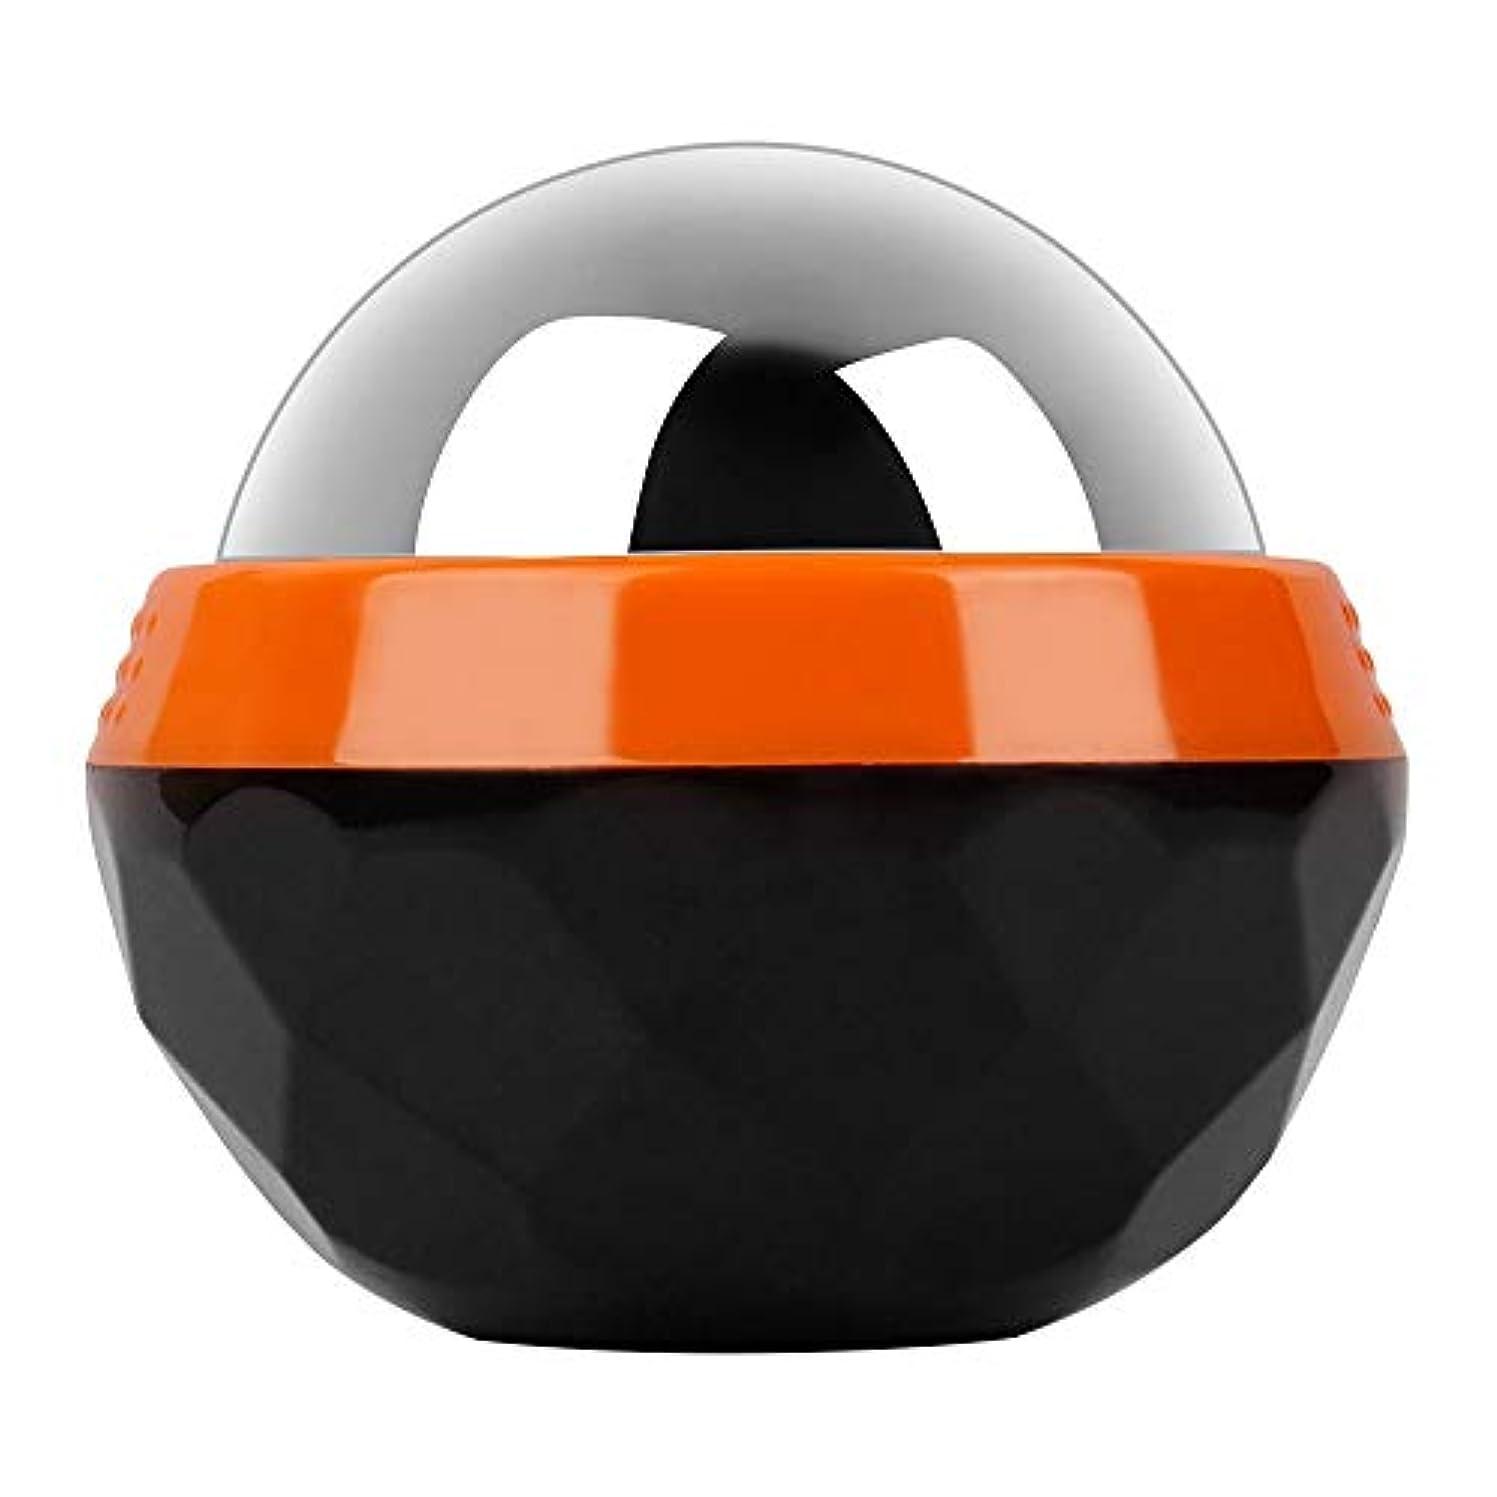 コンプリートどれ加速するGeTooコールドマッサージローラーボール-2.4インチの氷球は6時間冷たさを持続、アイスセラピーディープティッシュマッサージ、オレンジとブラック